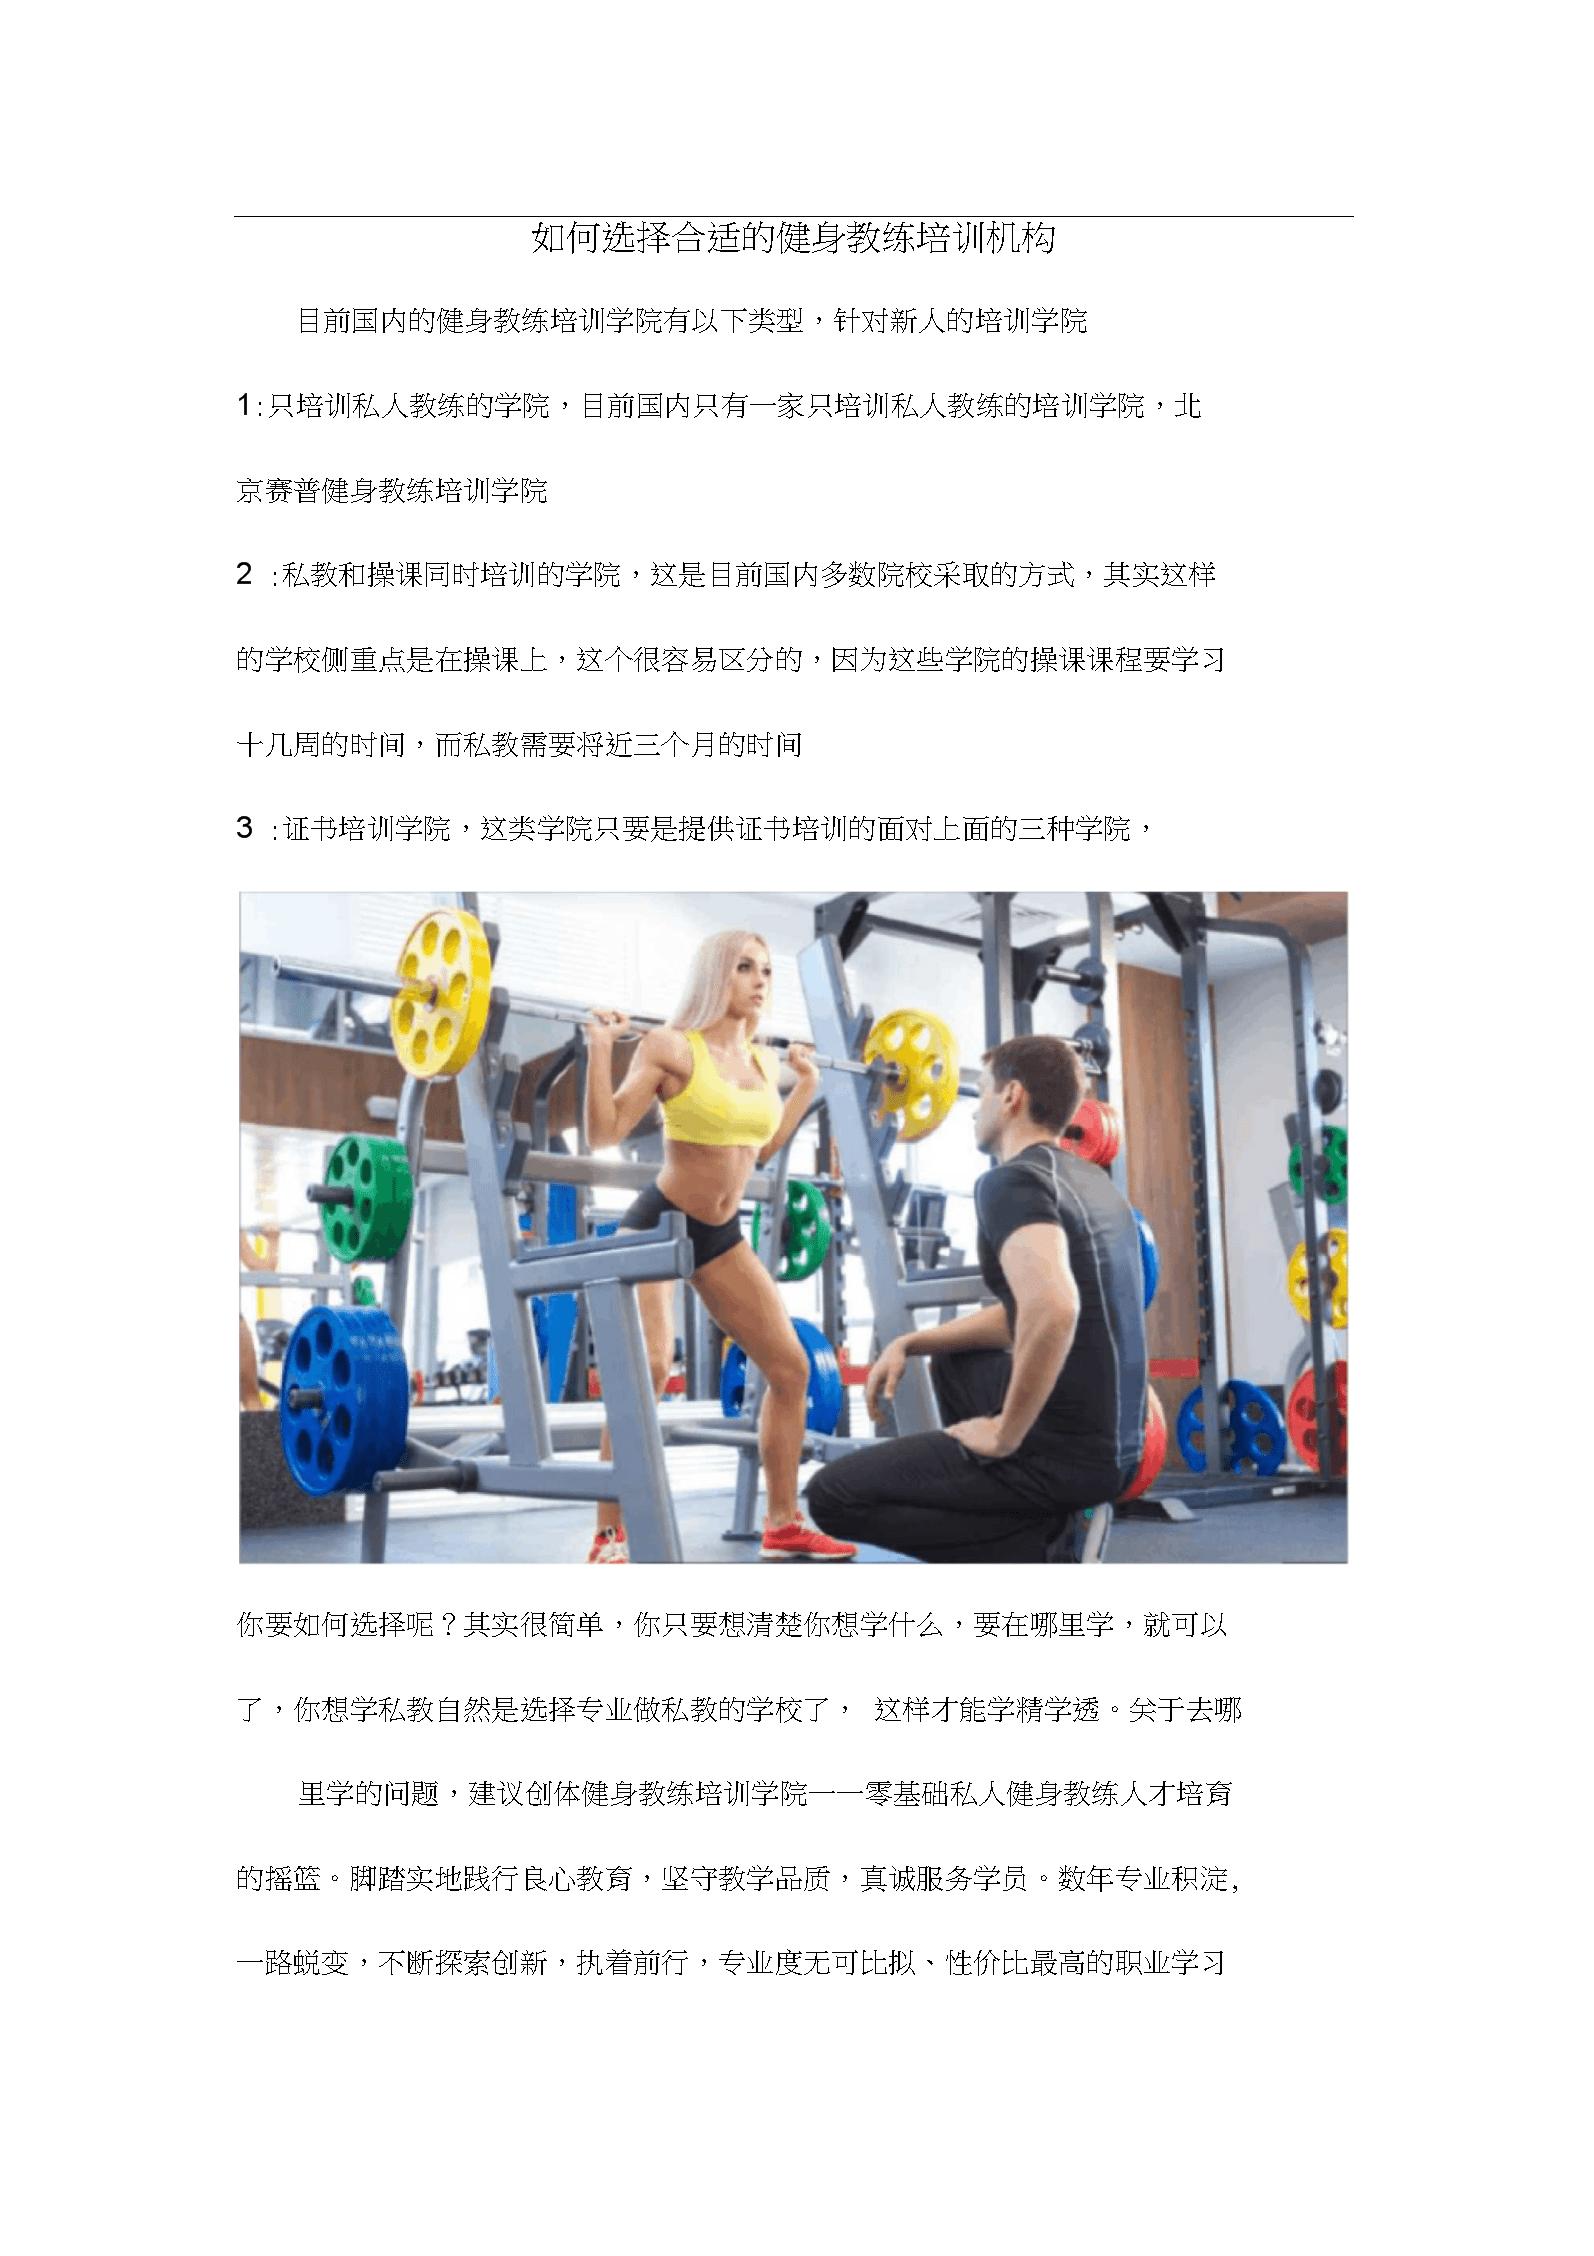 如何选择合适的健身教练培训机构.docx